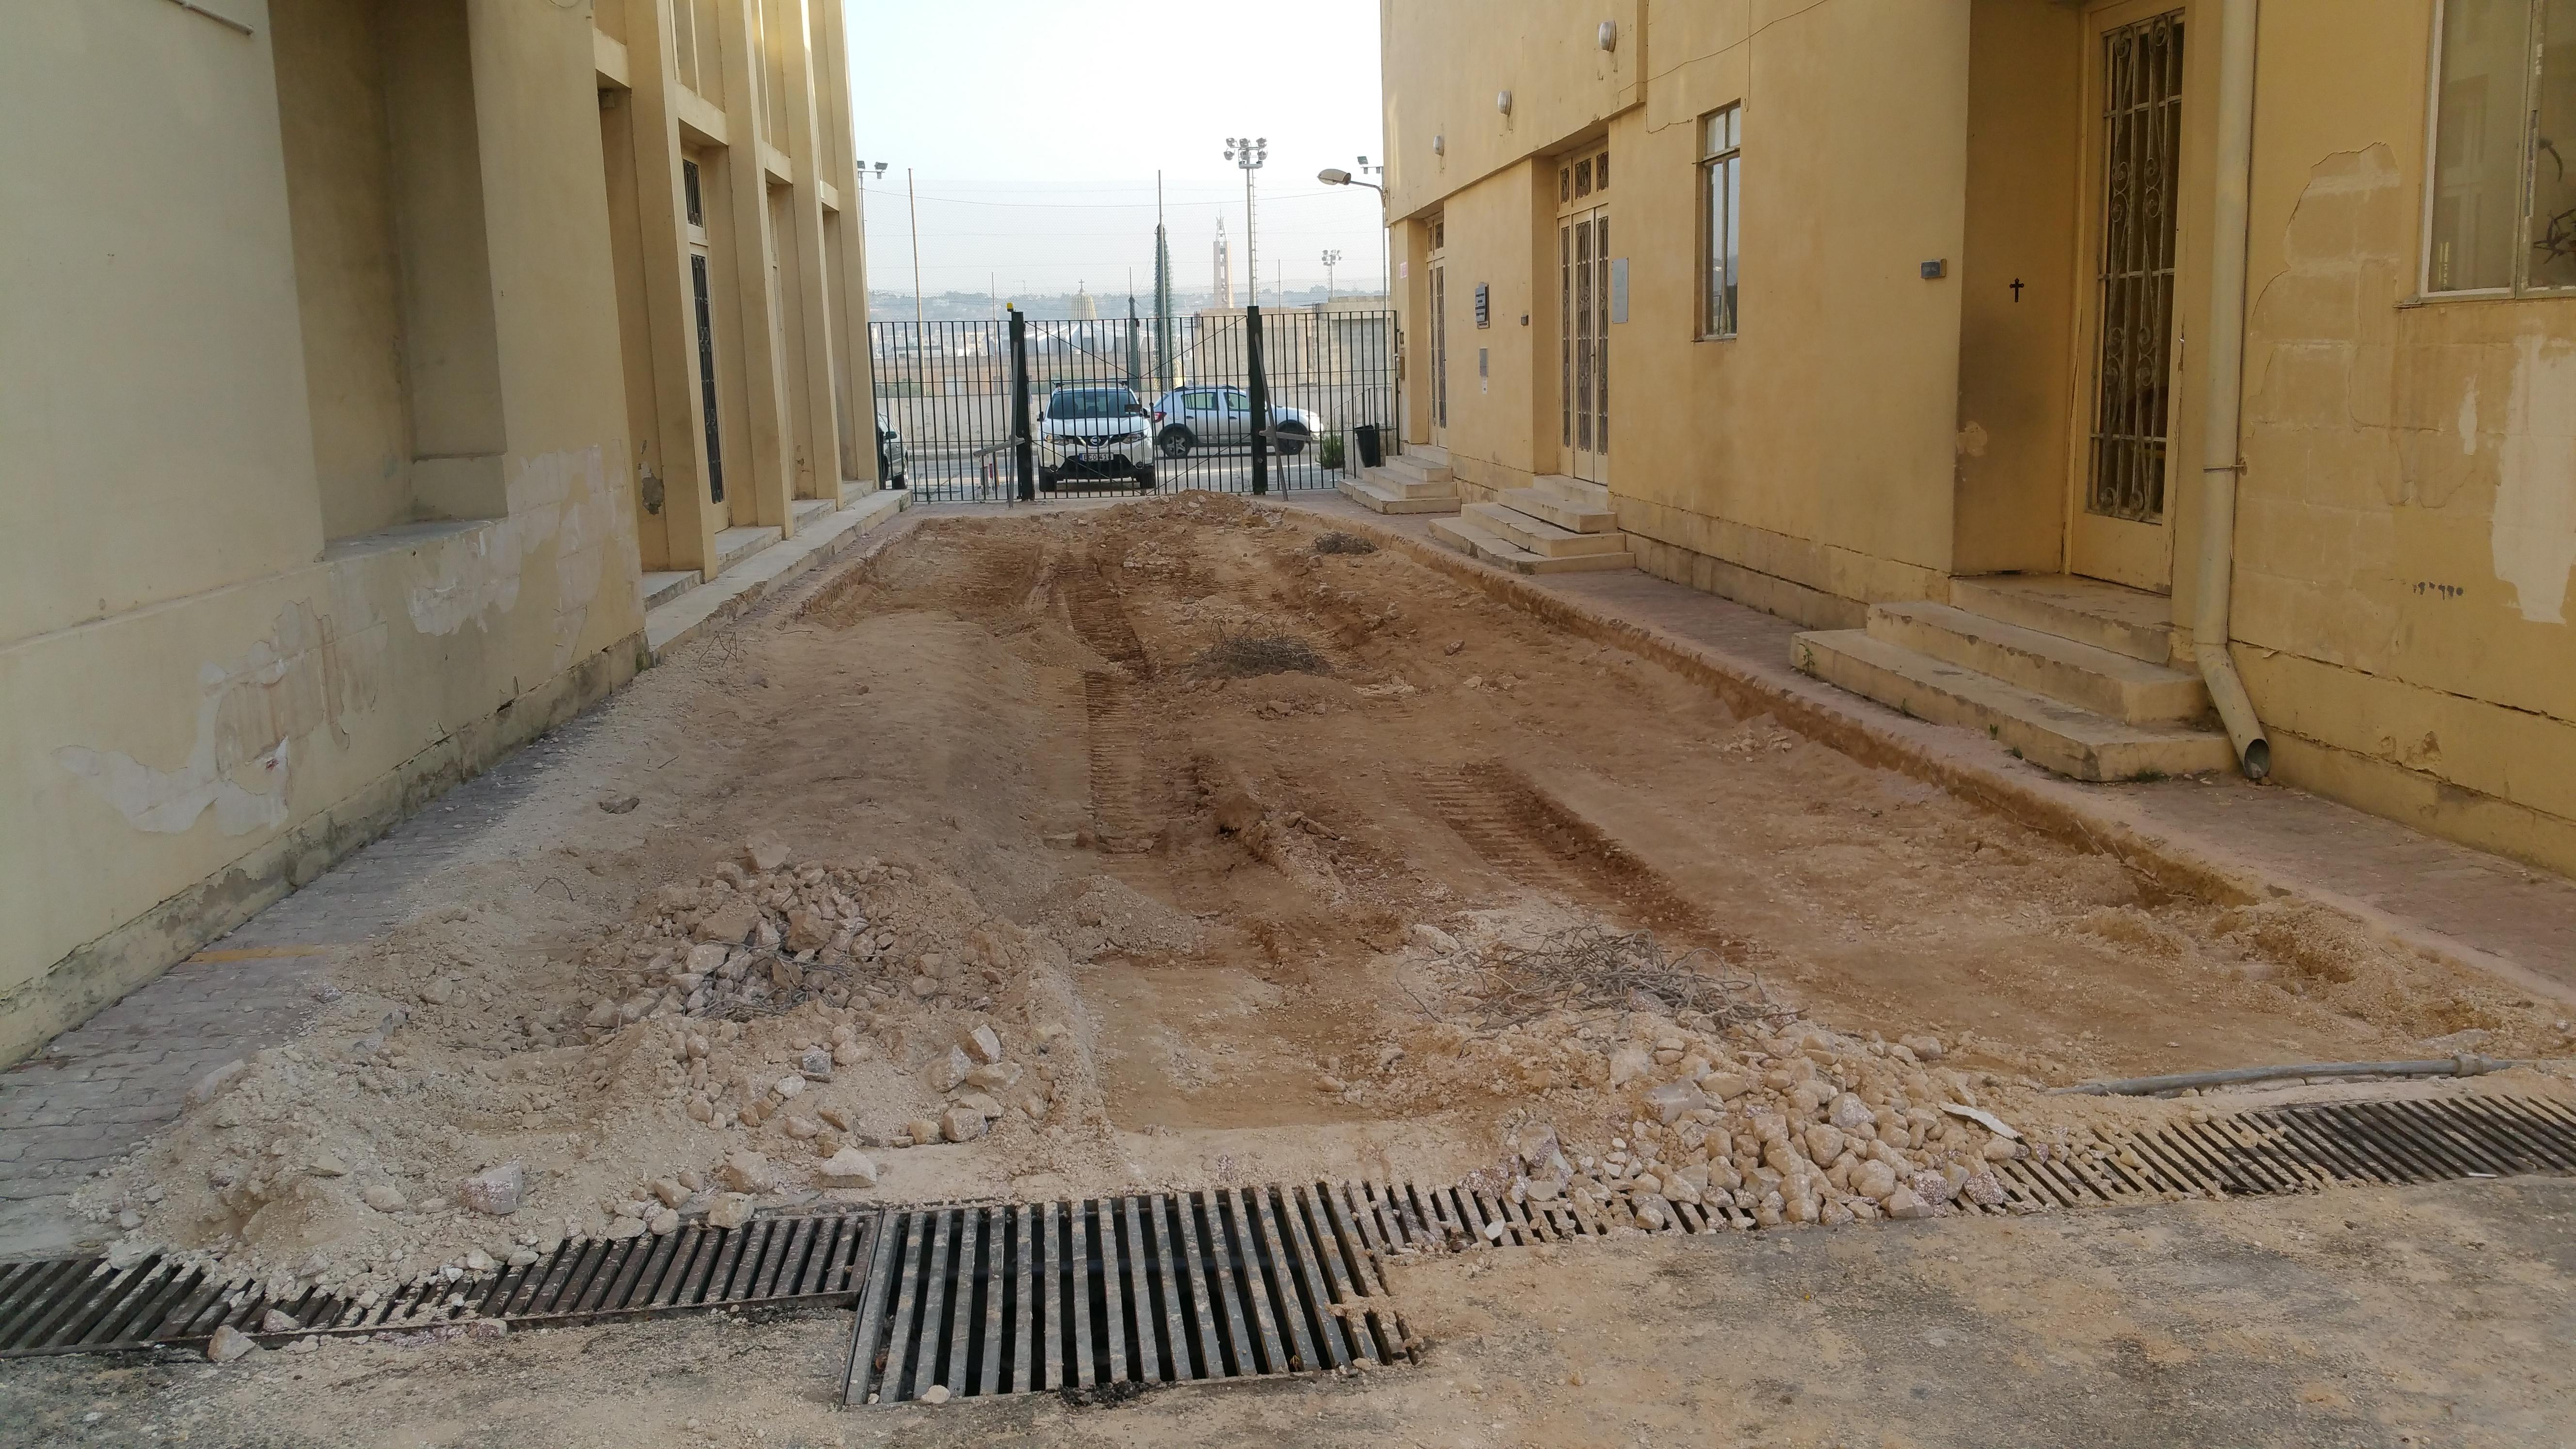 Main entrance road rebuilding and resurfacing